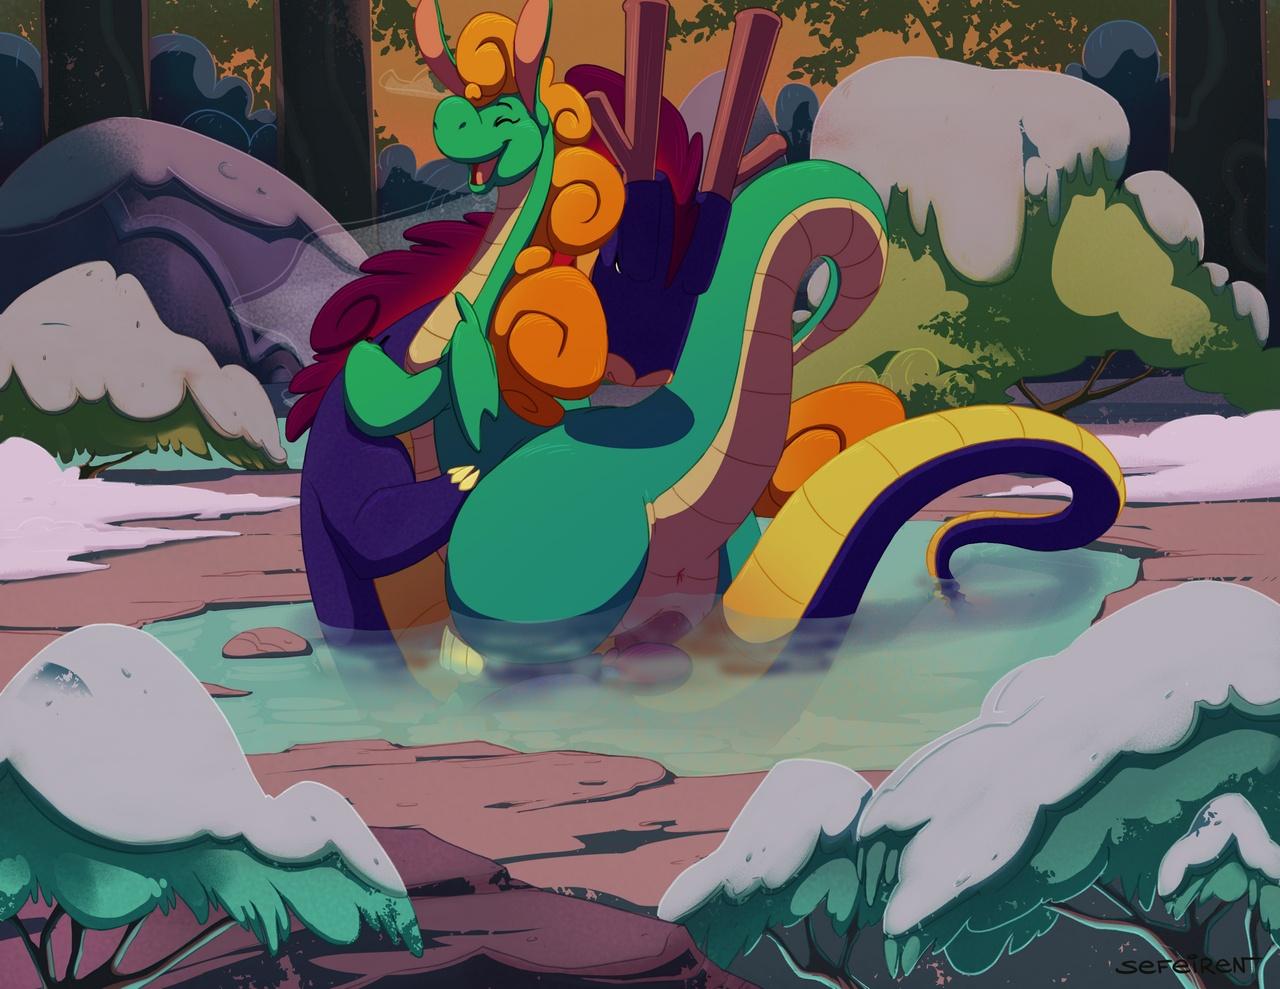 The Irish Dragon